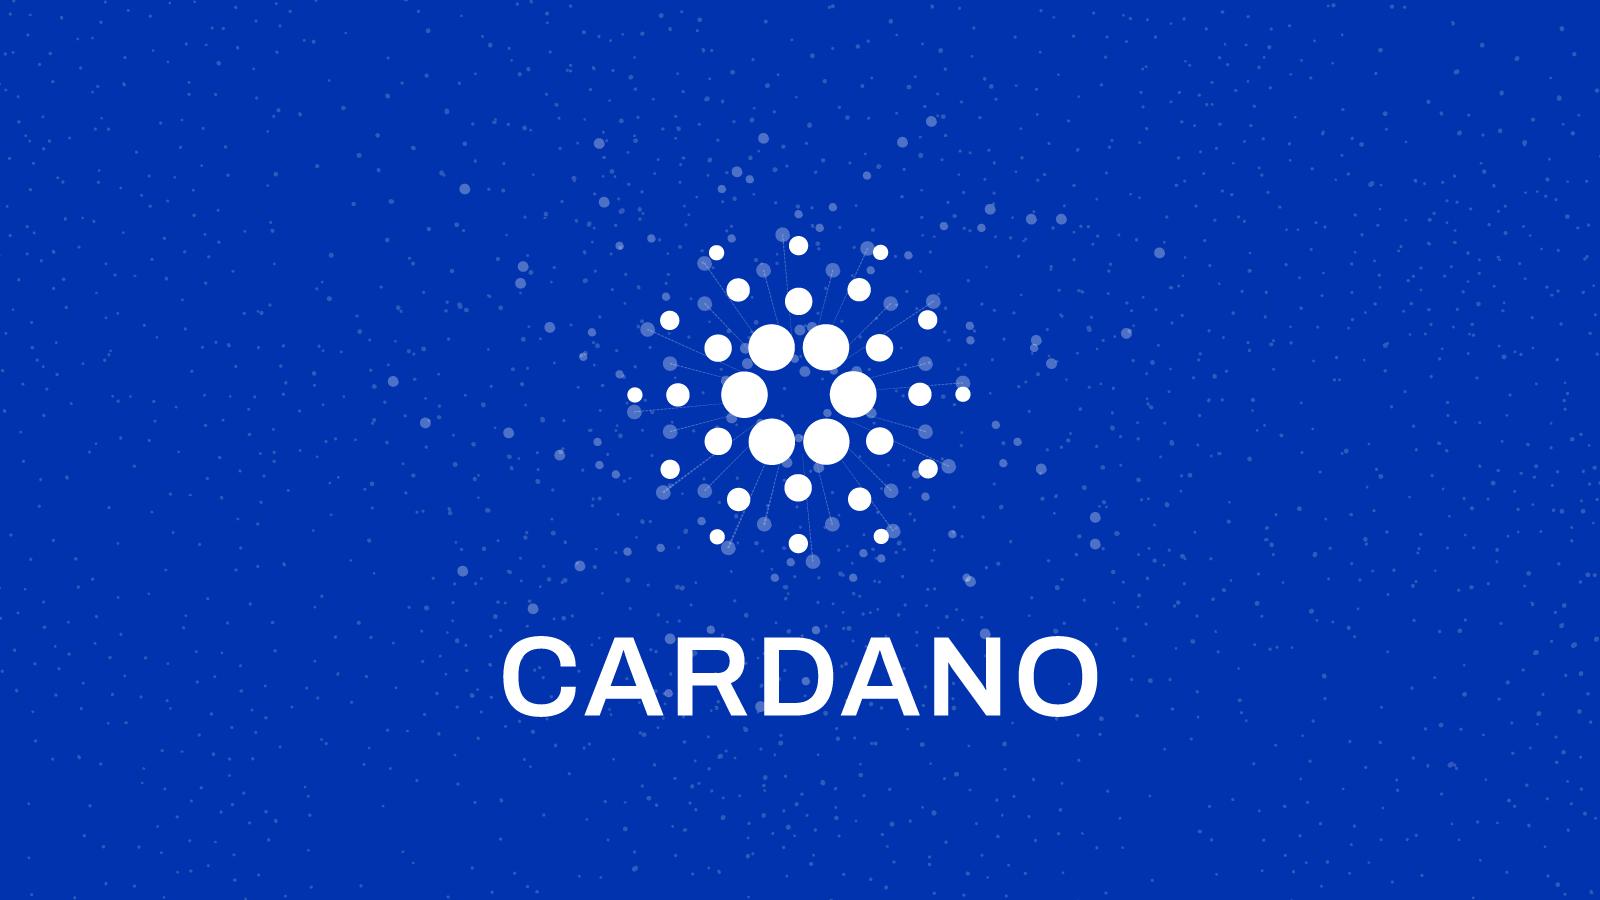 """العملة الرقمية كاردانو """"ADA"""" تظهر وتداول لأول مرة في اليابان"""